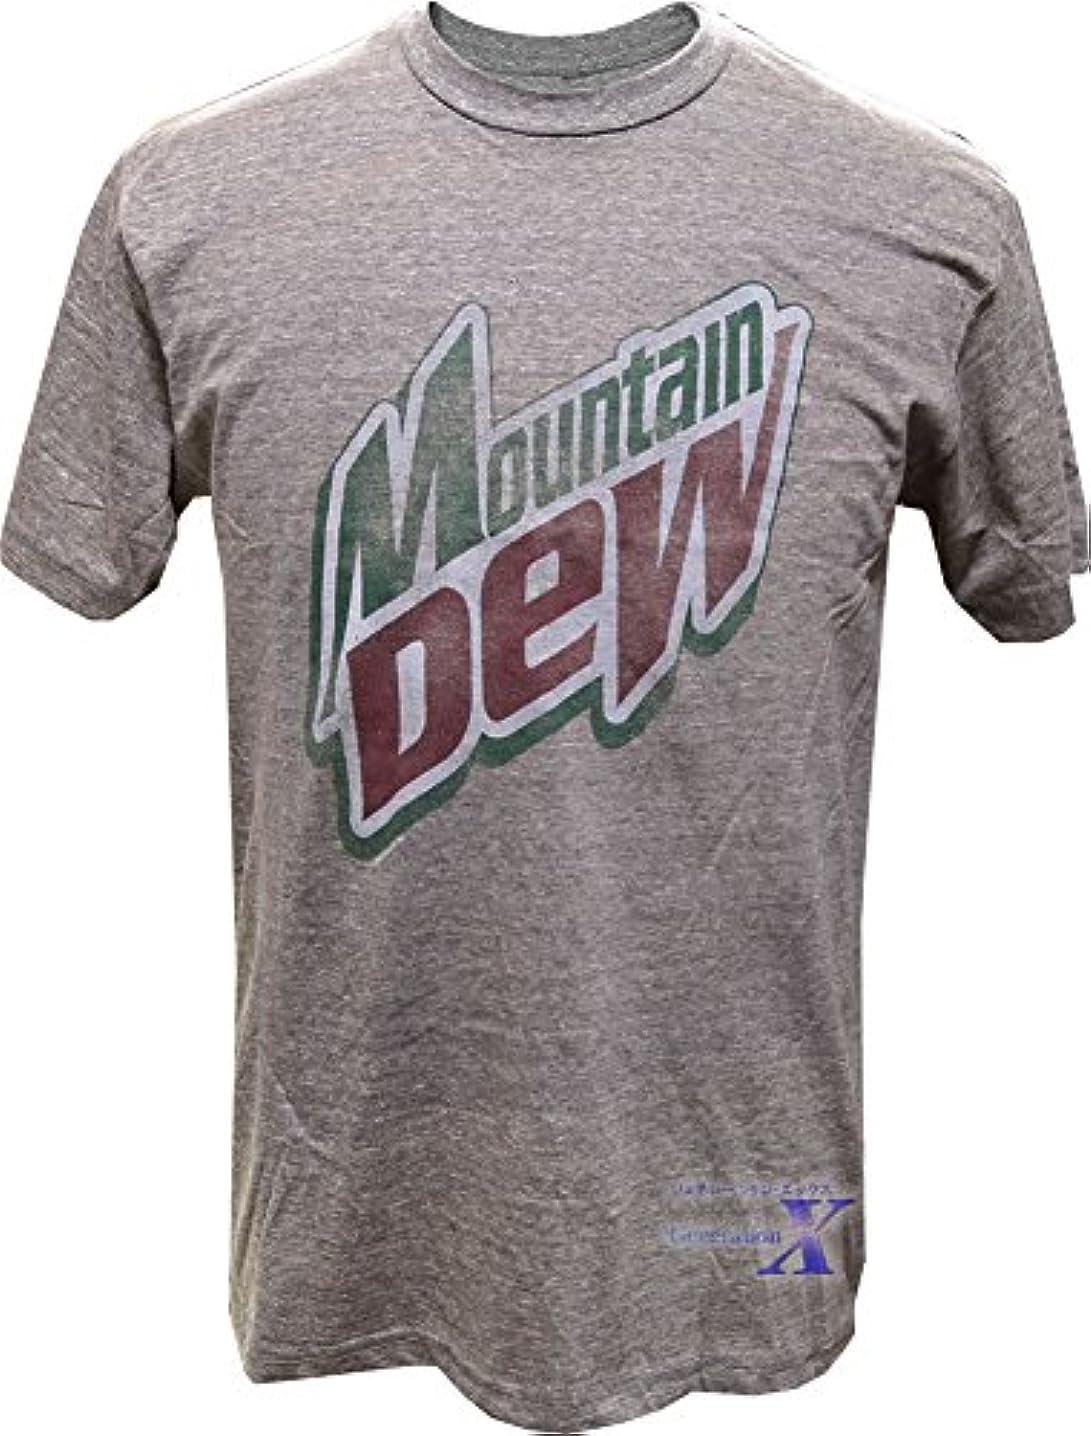 まだ太字引き潮【米国マウンテンデュー公式Tシャツ】2000